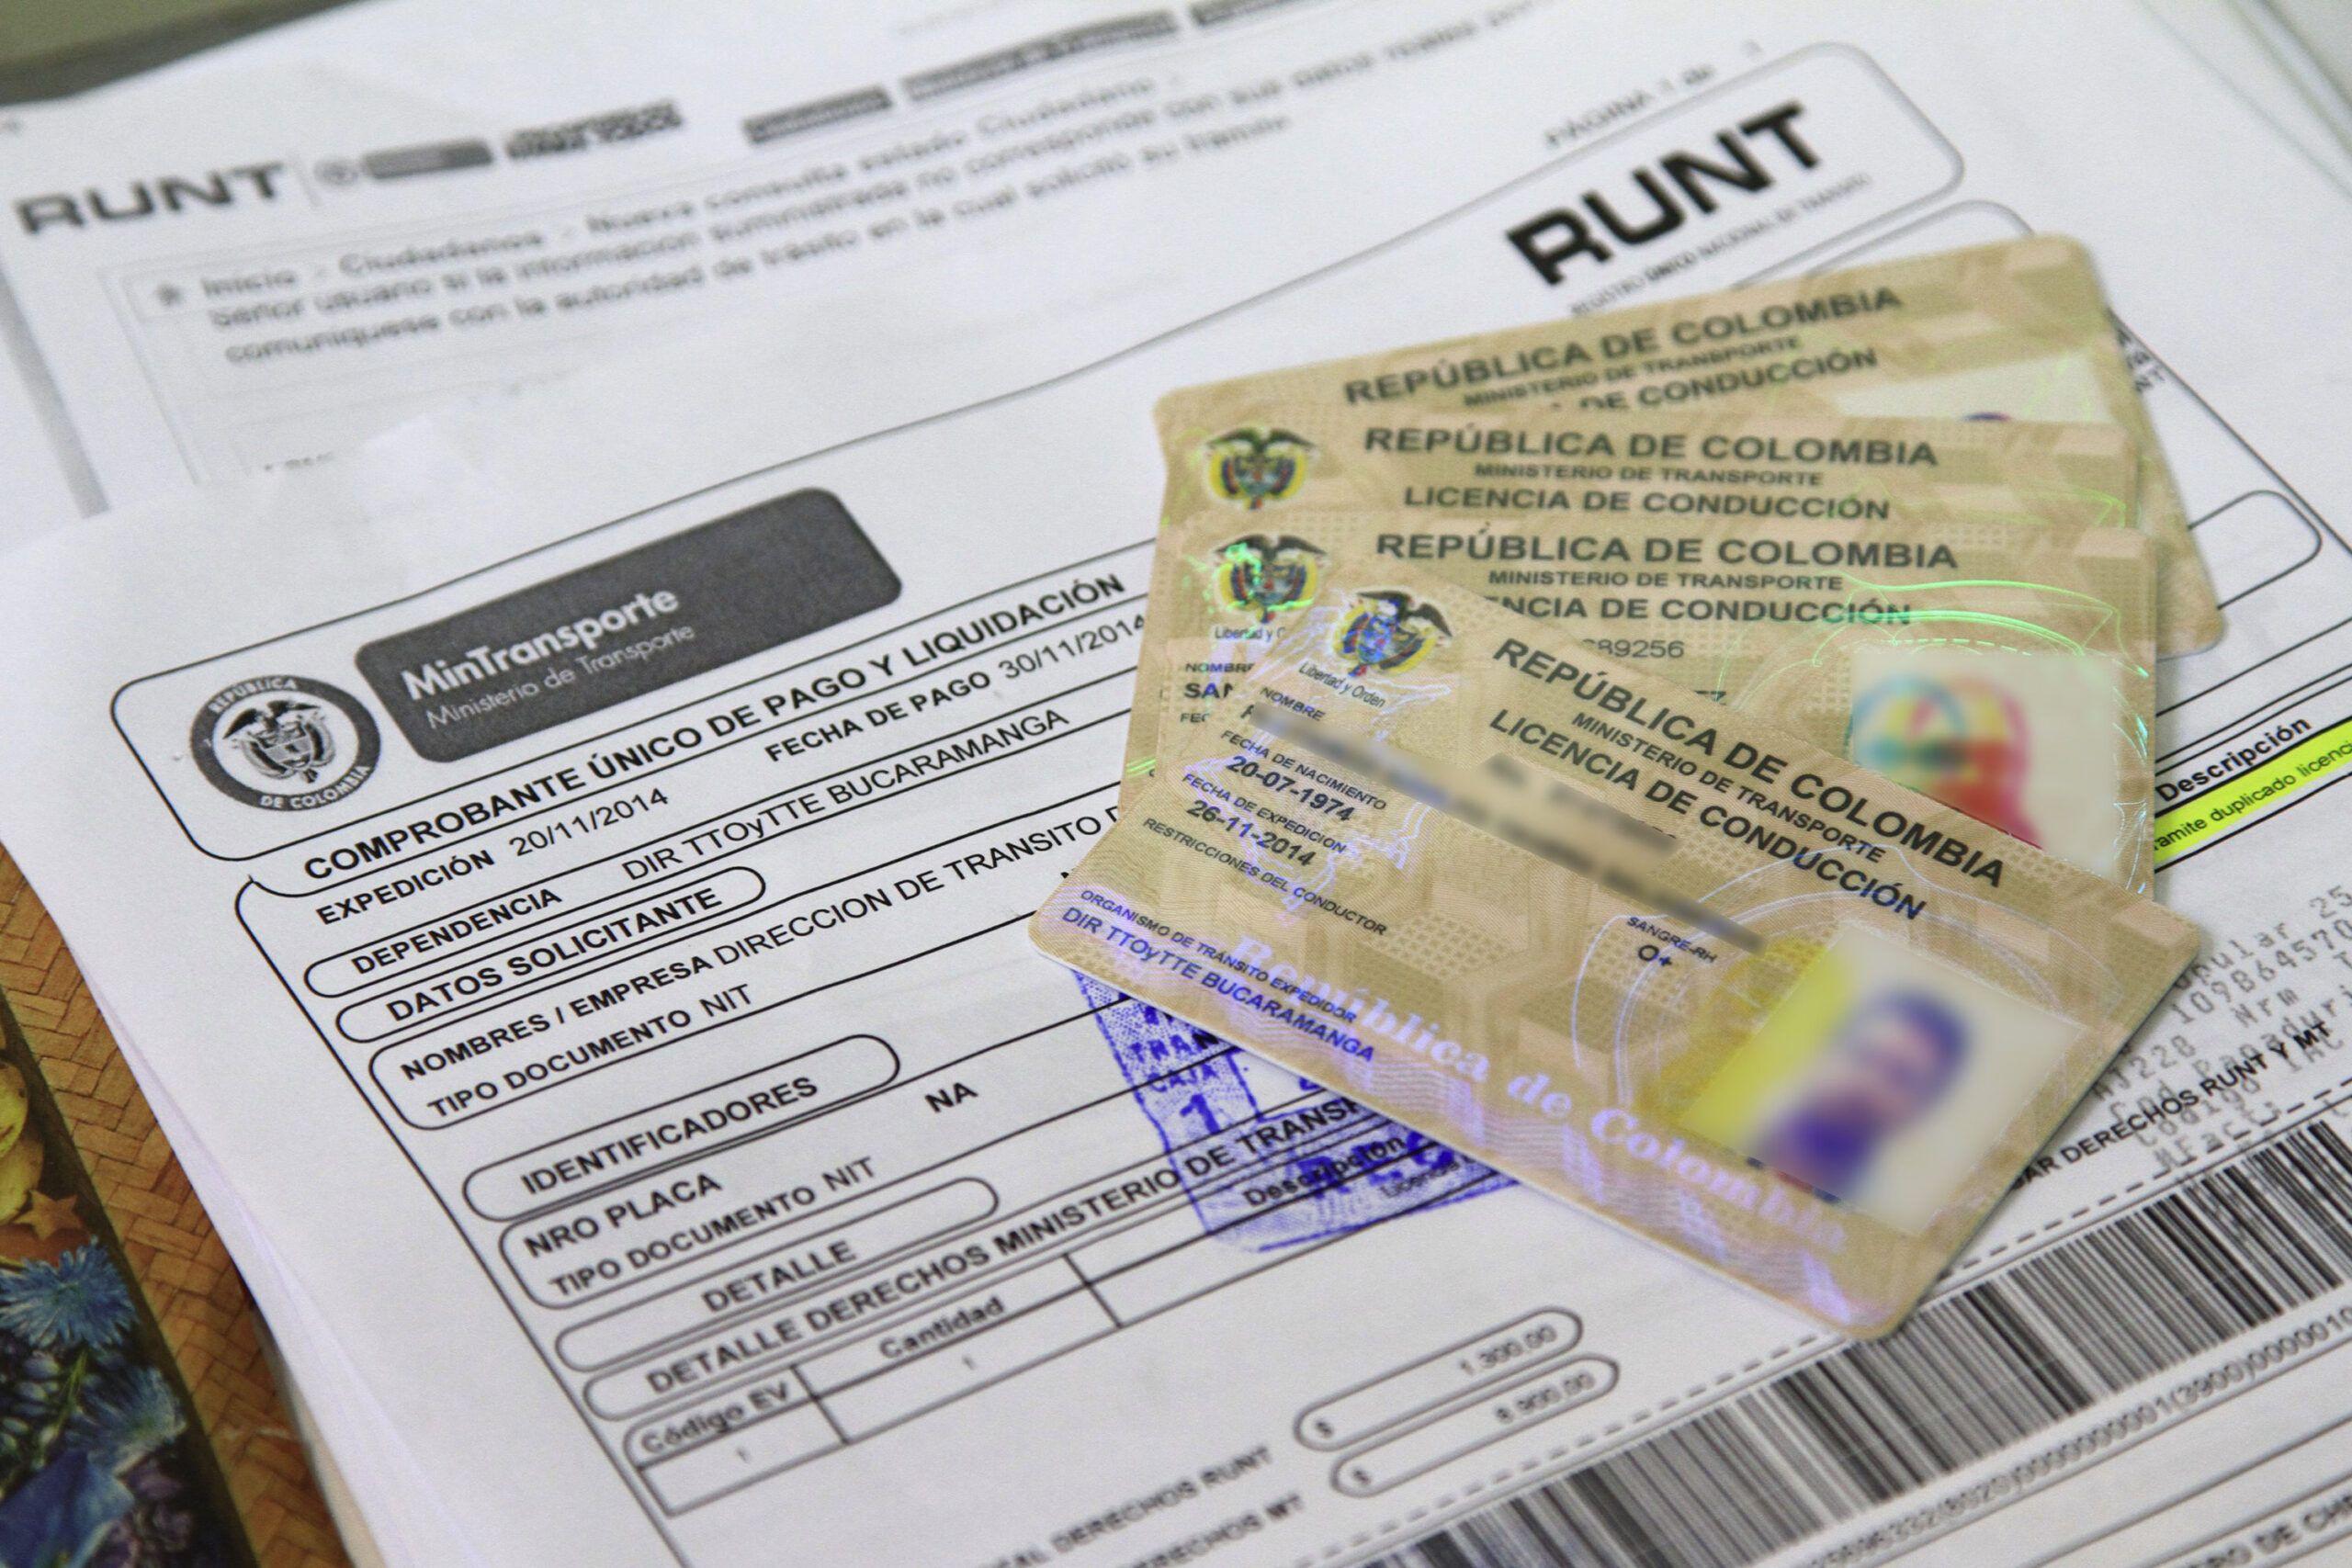 MinTransporte pide investigar filtración de documentos del Runt